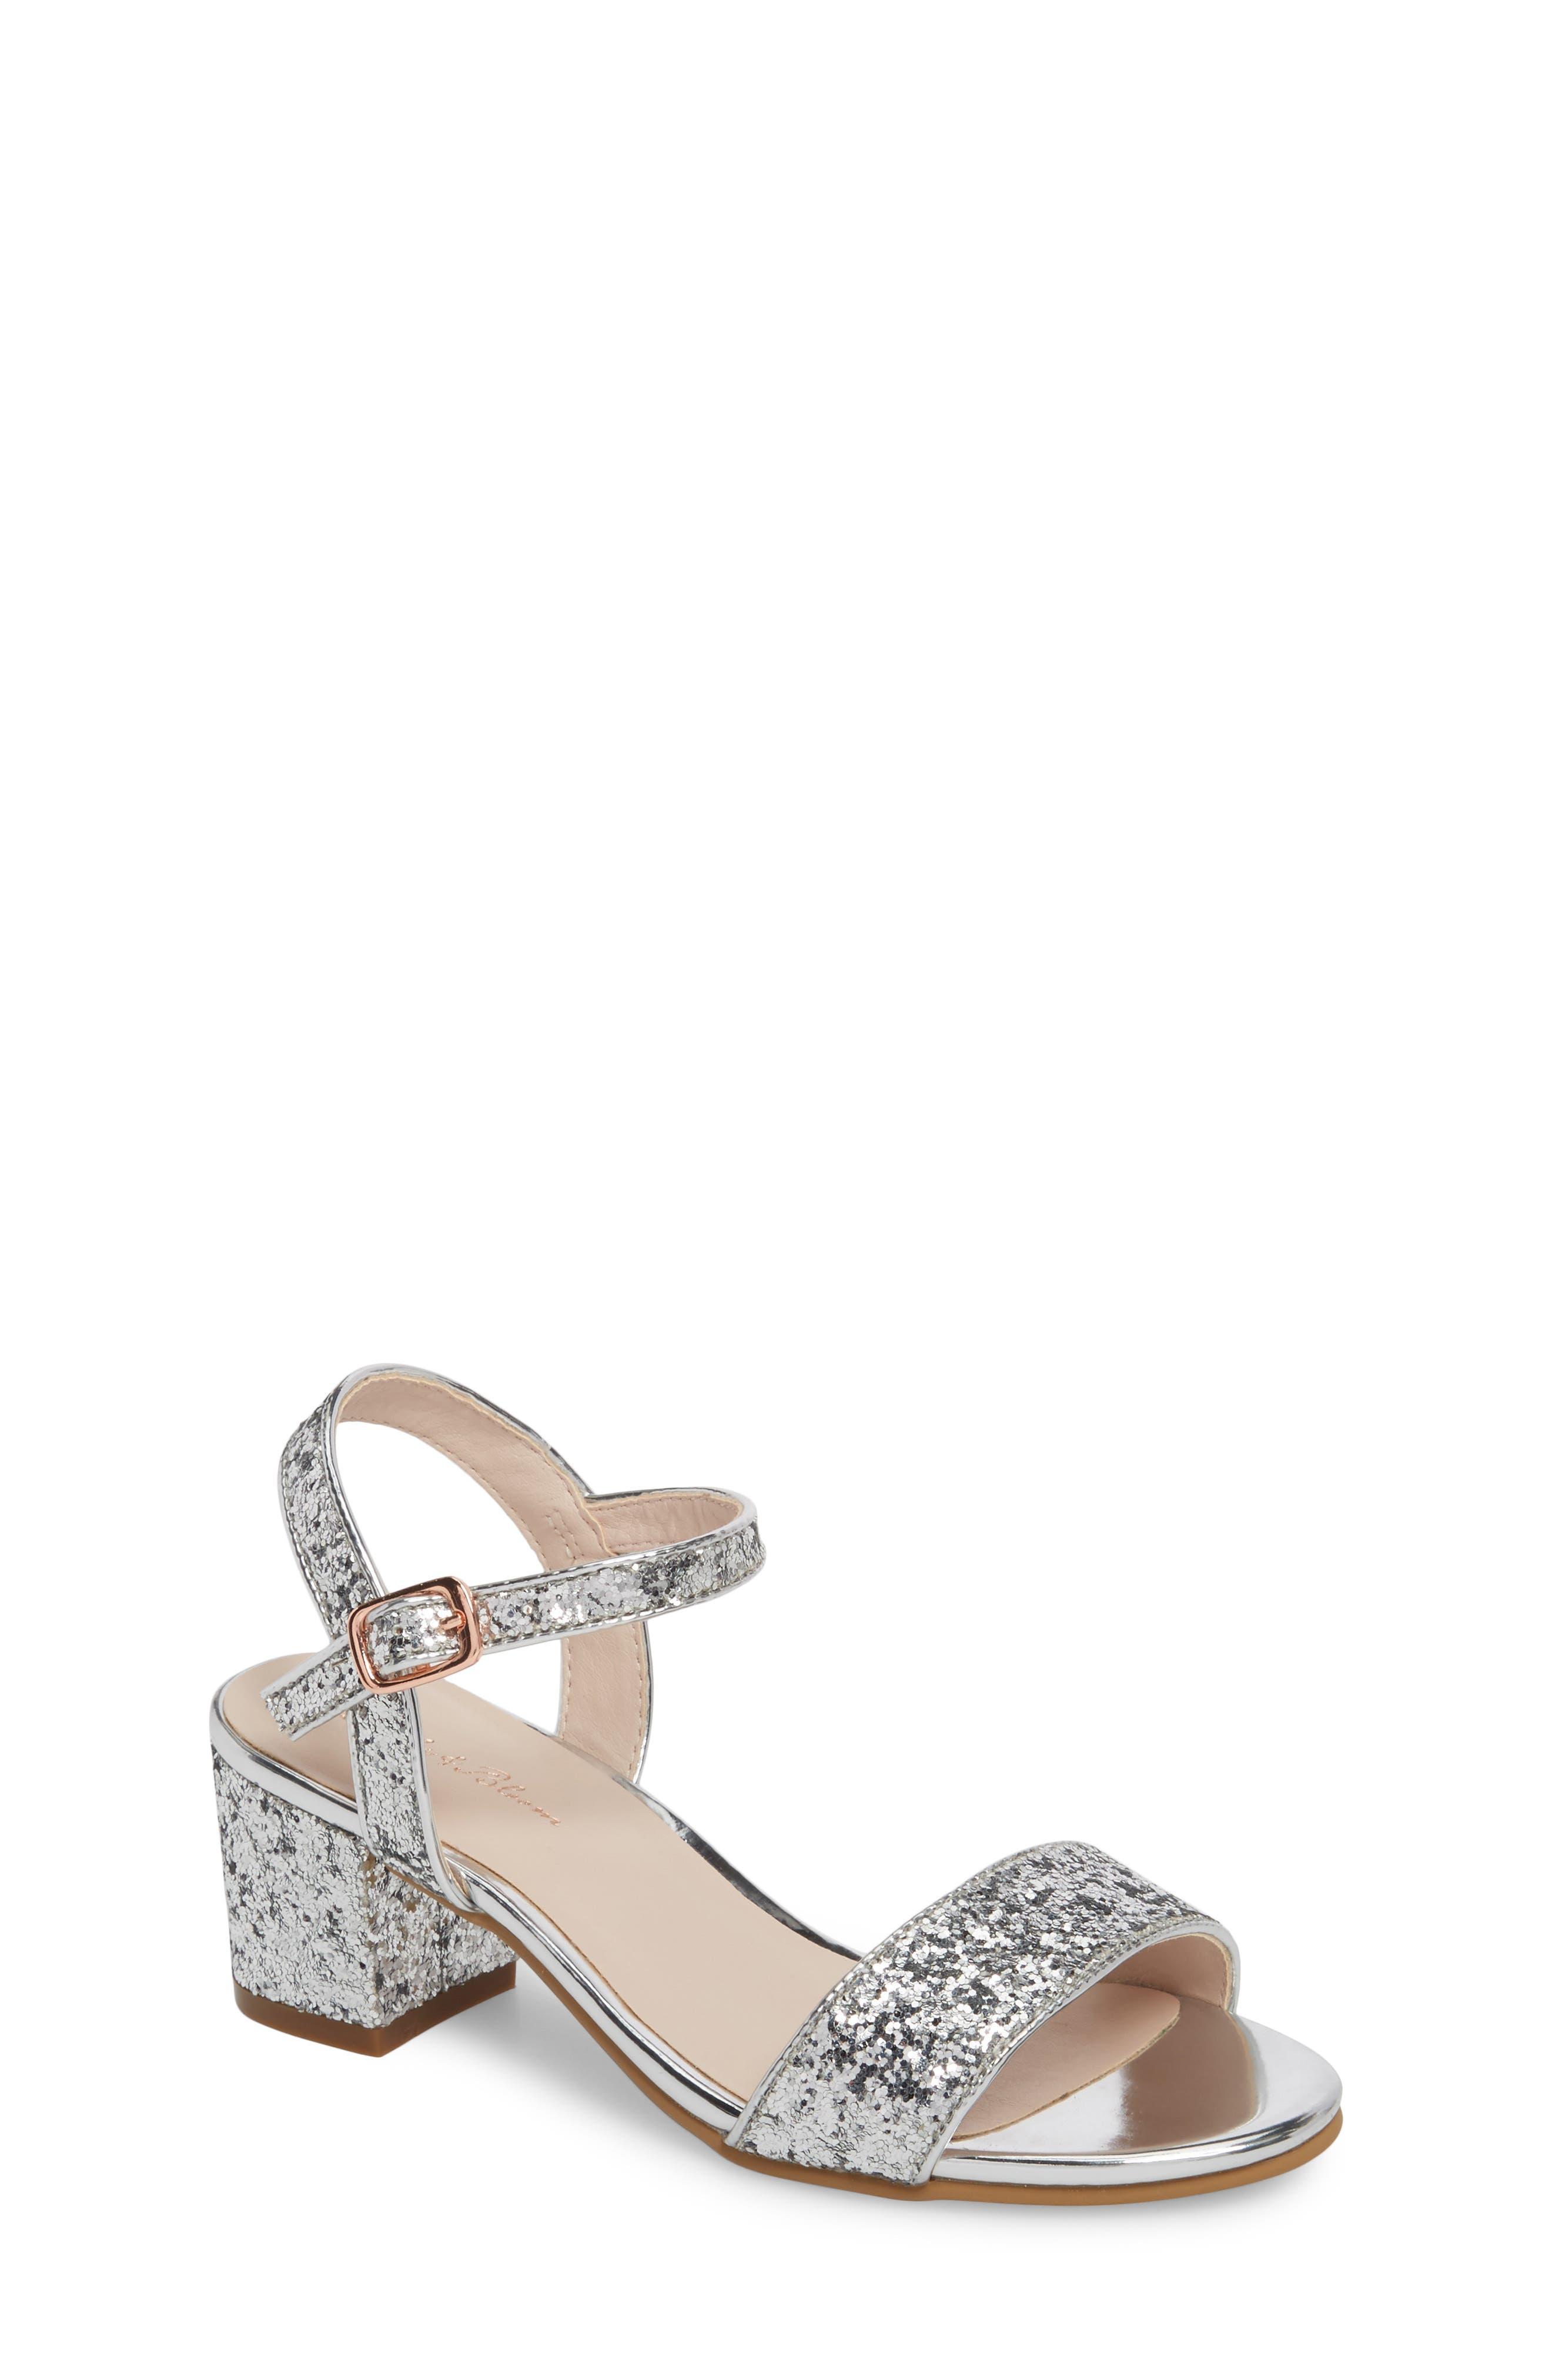 Danni Block Heel Sandal by Ruby & Bloom